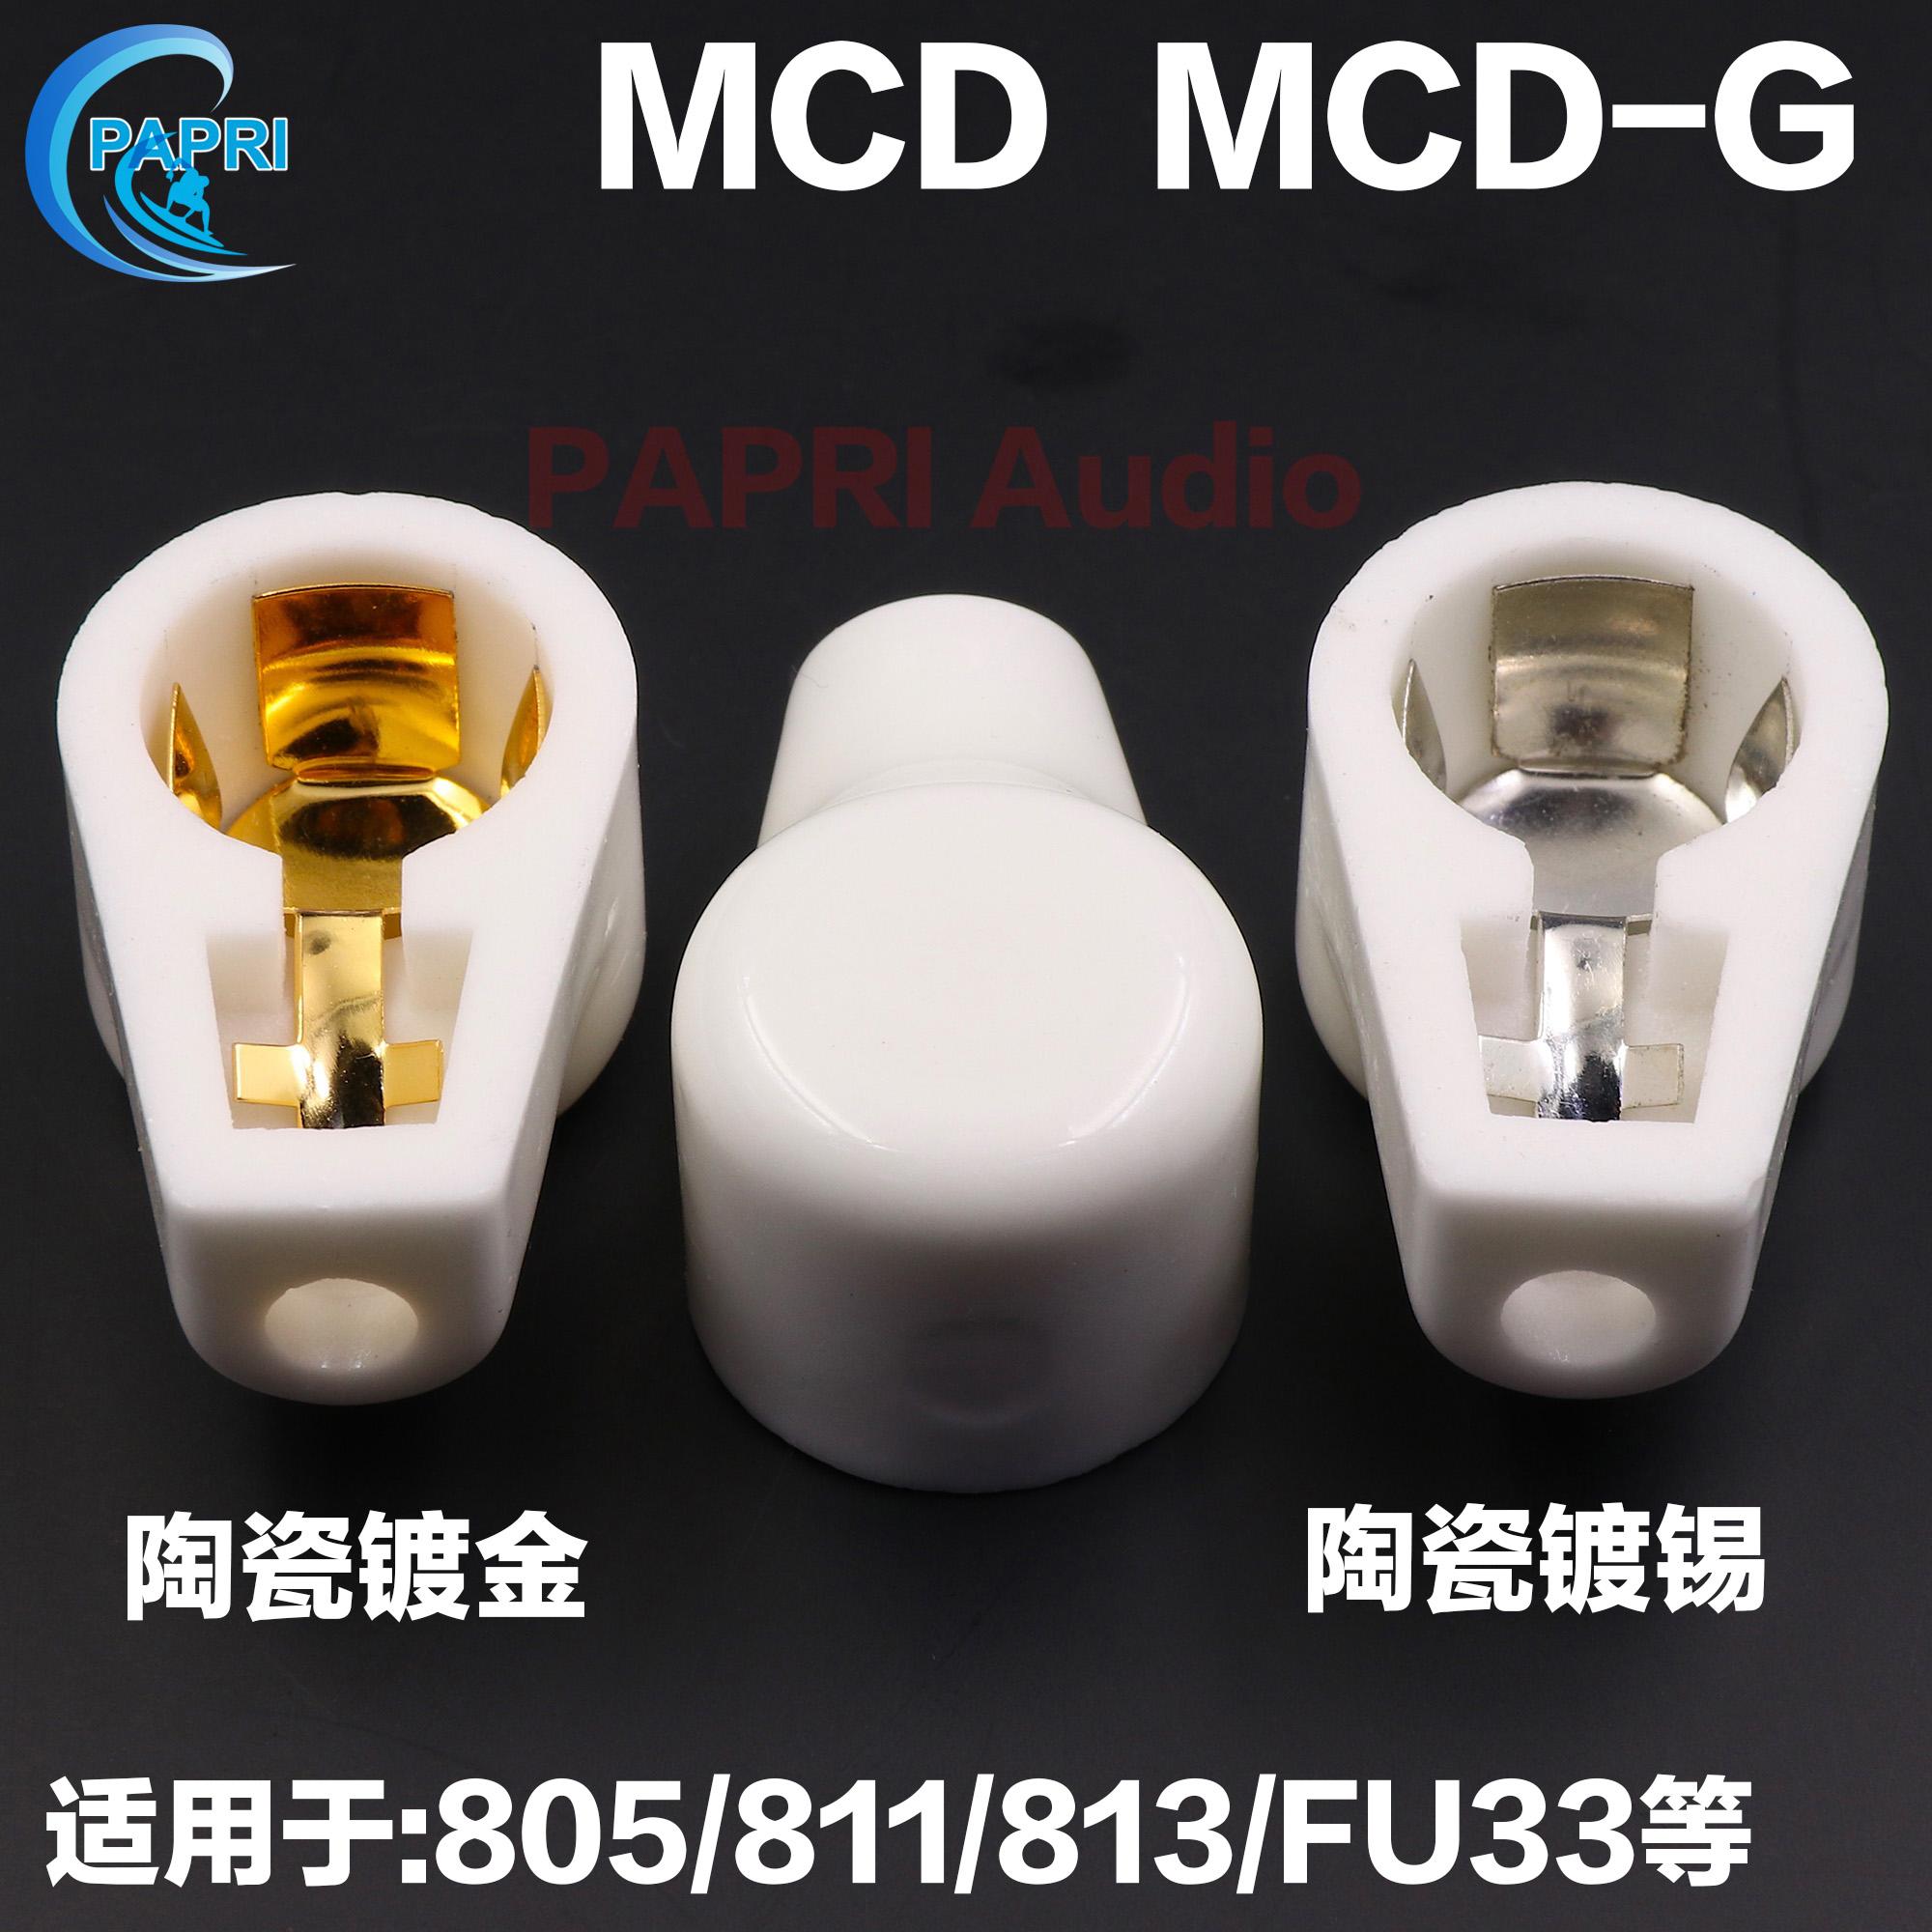 全新陶瓷电子管帽MCD-G镀金磷铜导体MCD镀锡高压电子管帽陶瓷屏蔽帽811/845/805/813/FD422/FU33等真空管现货